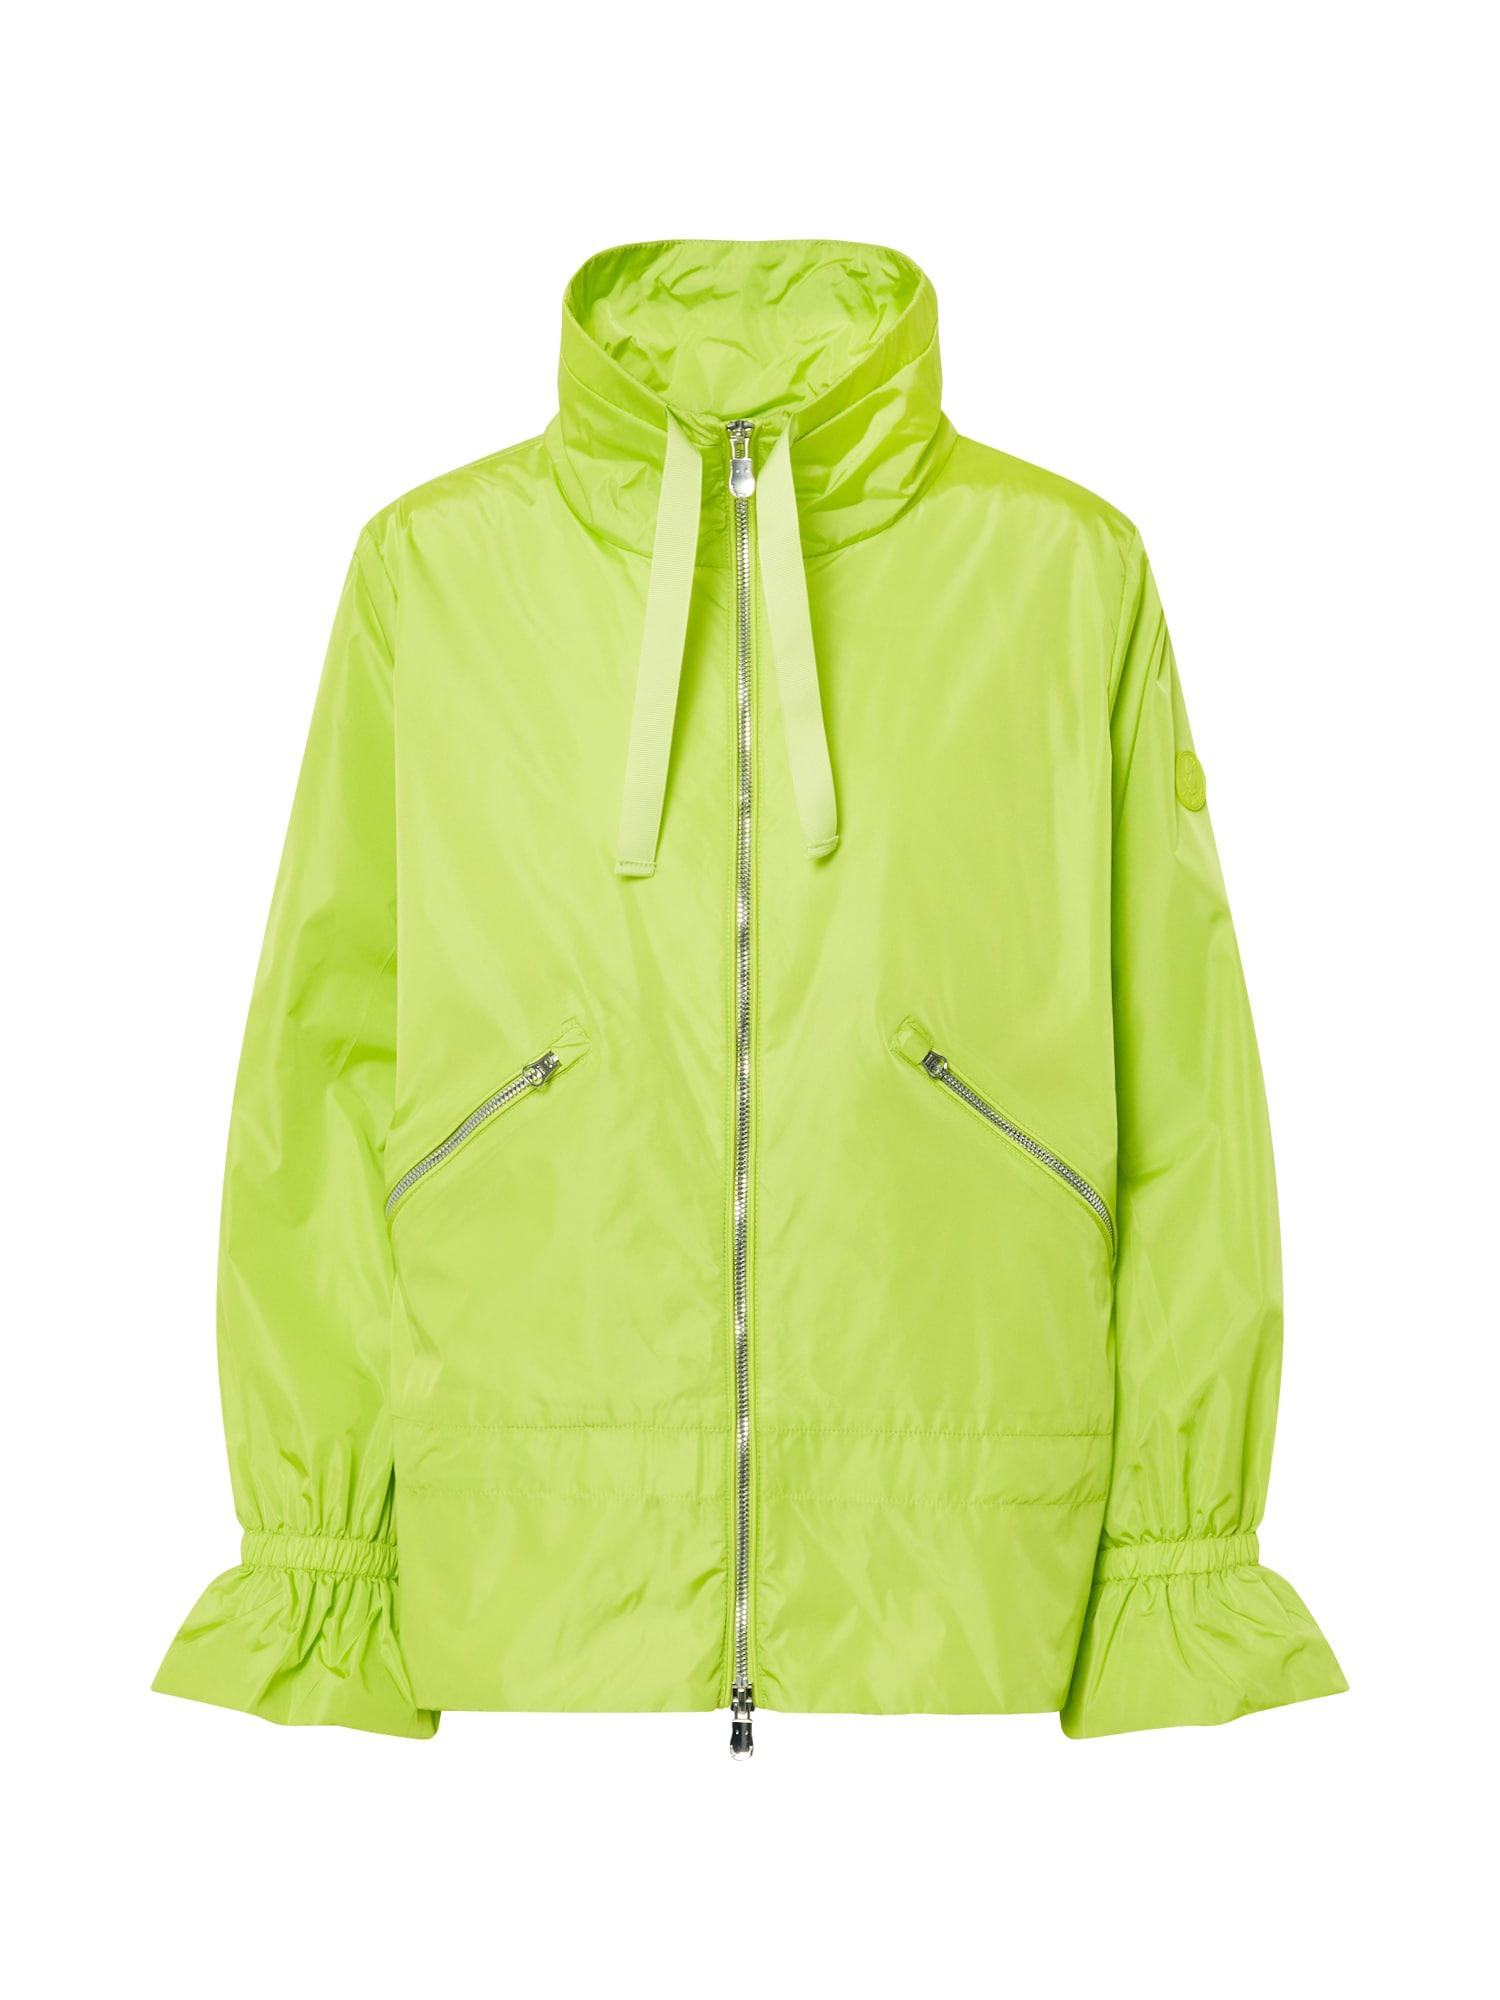 SAVE THE DUCK Demisezoninė striukė 'GIUBBOTTO CAPPUCCIO' šviesiai žalia / žaliosios citrinos spalva